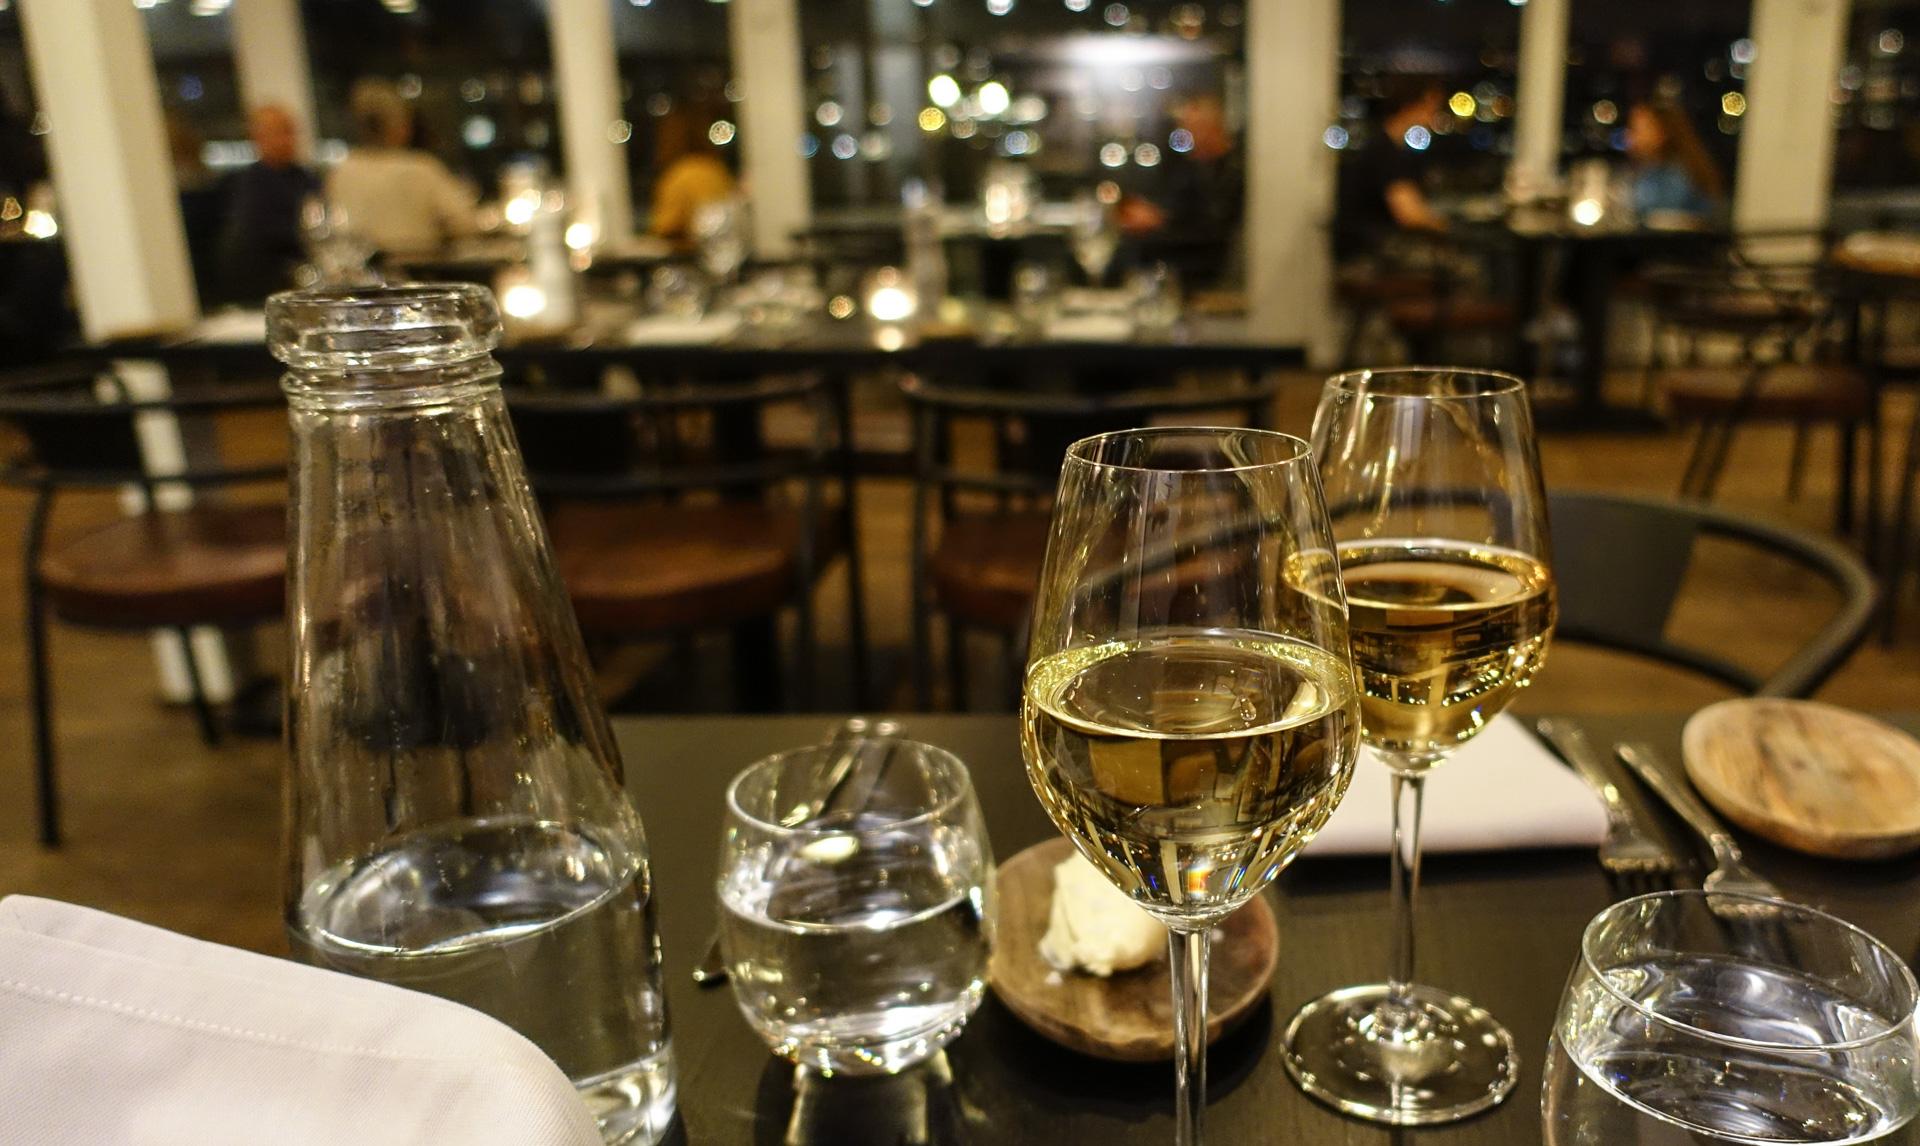 Anmeldelse af vinens dag: Når vinen får den opmærksomhed, den fortjener